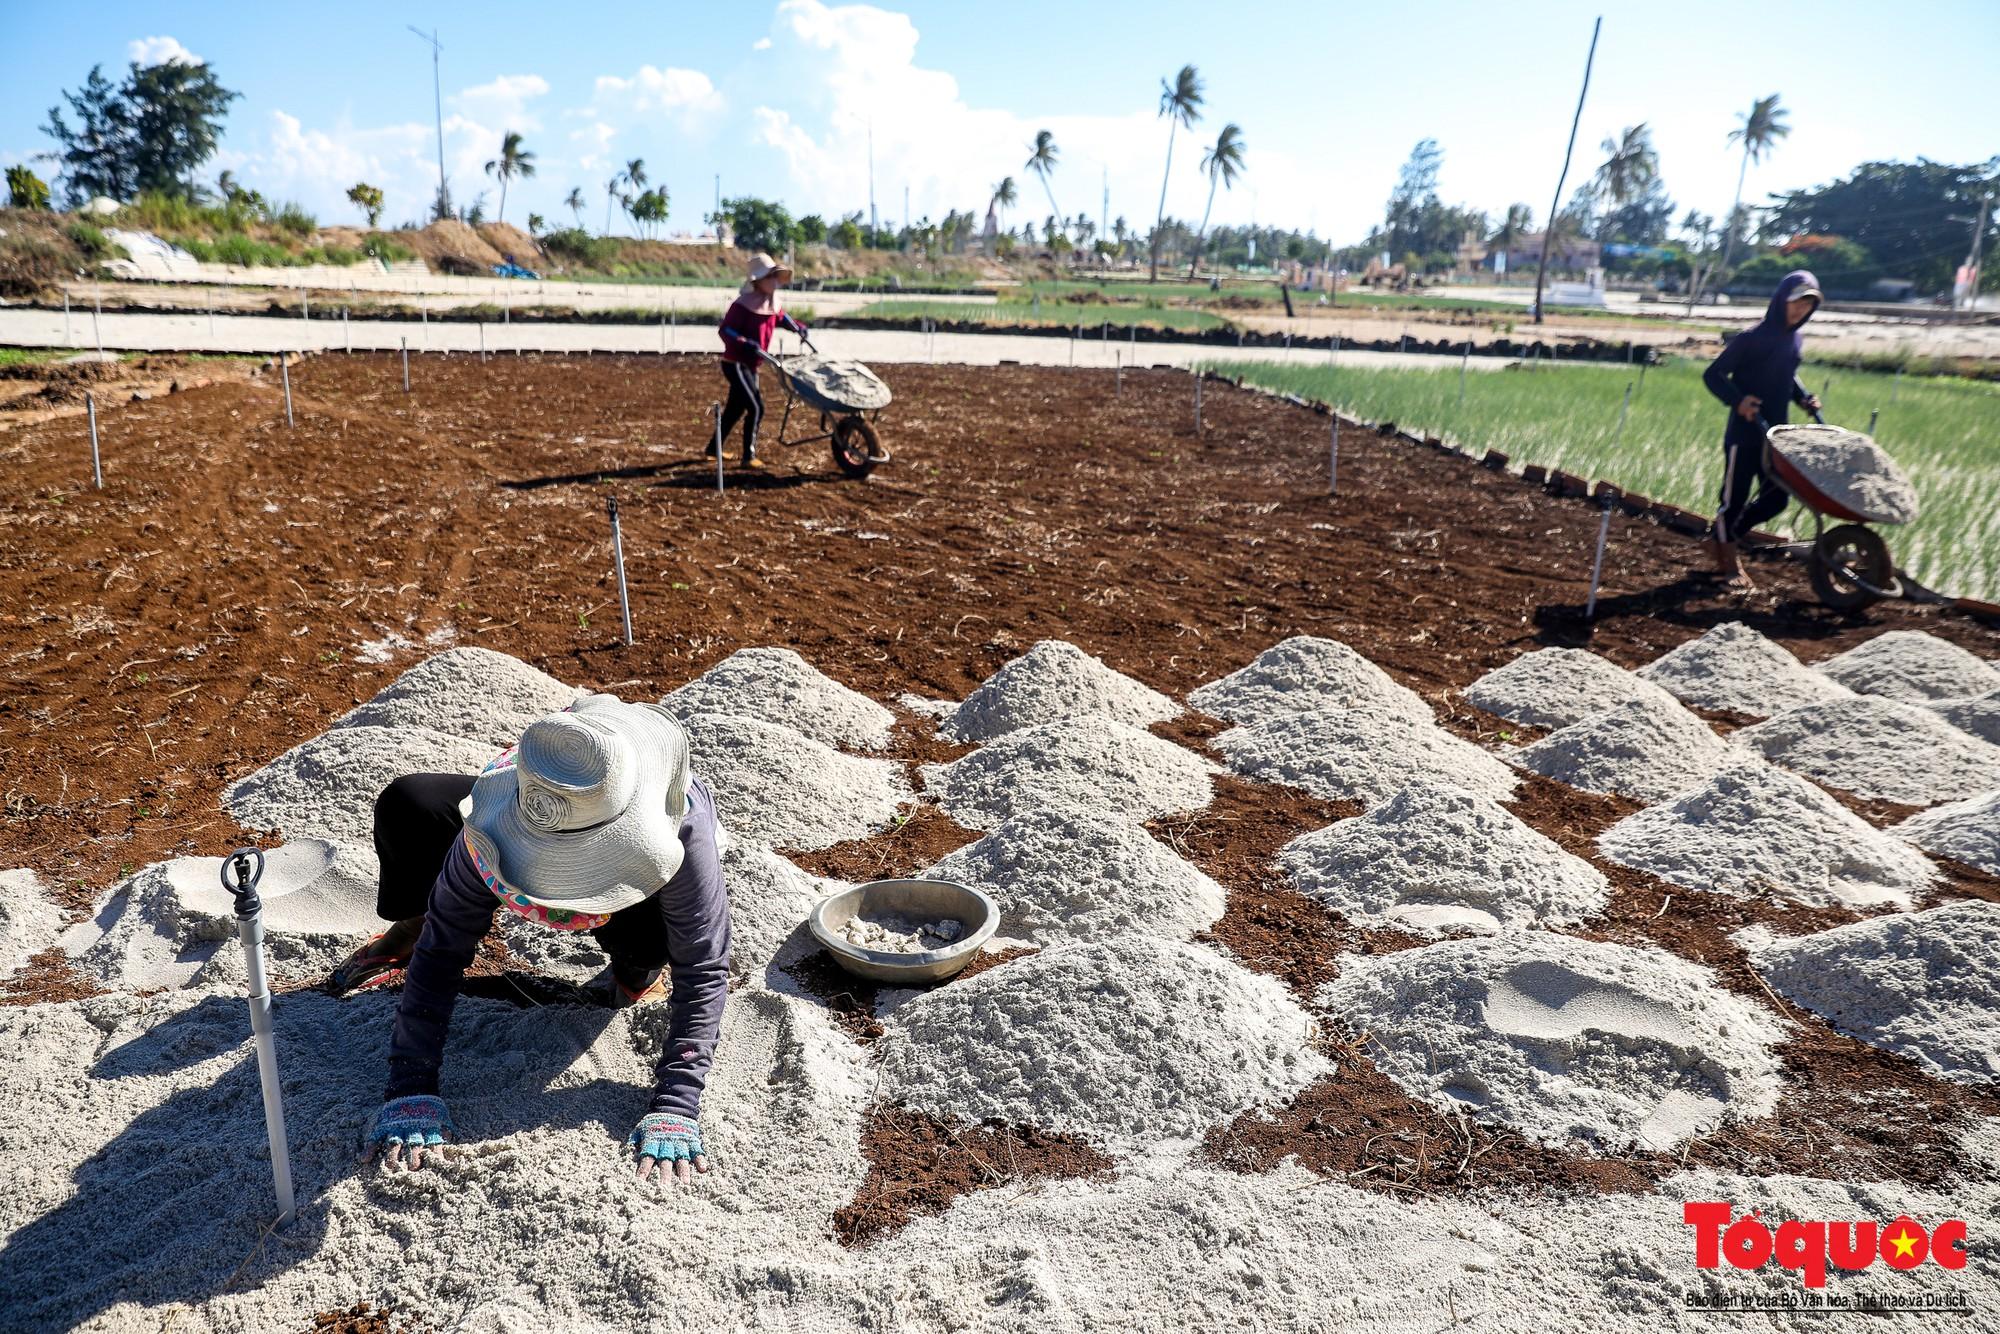 Hành tím Lý Sơn vào mùa thu hoạch: Nông dân phấn khởi vì giá tăng gấp đôi năm ngoái  - Ảnh 11.